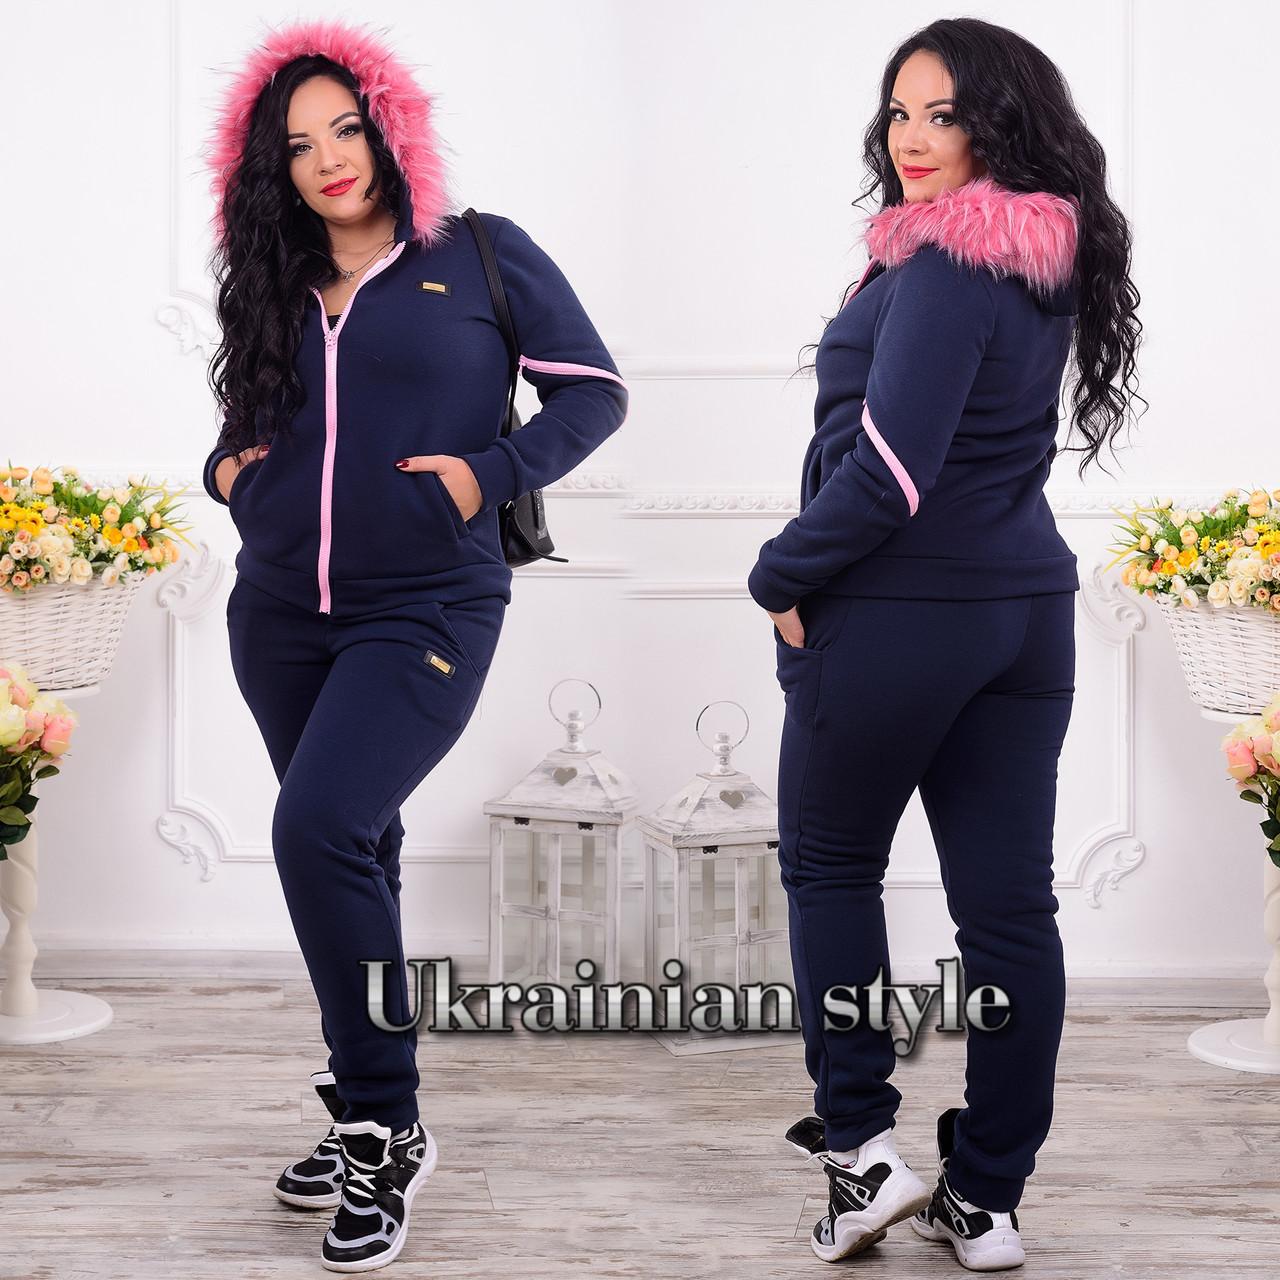 25ad601d4c7 Женский теплый спортивный костюм больших размеров с мехом на капюшоне. 3  цвета!. -